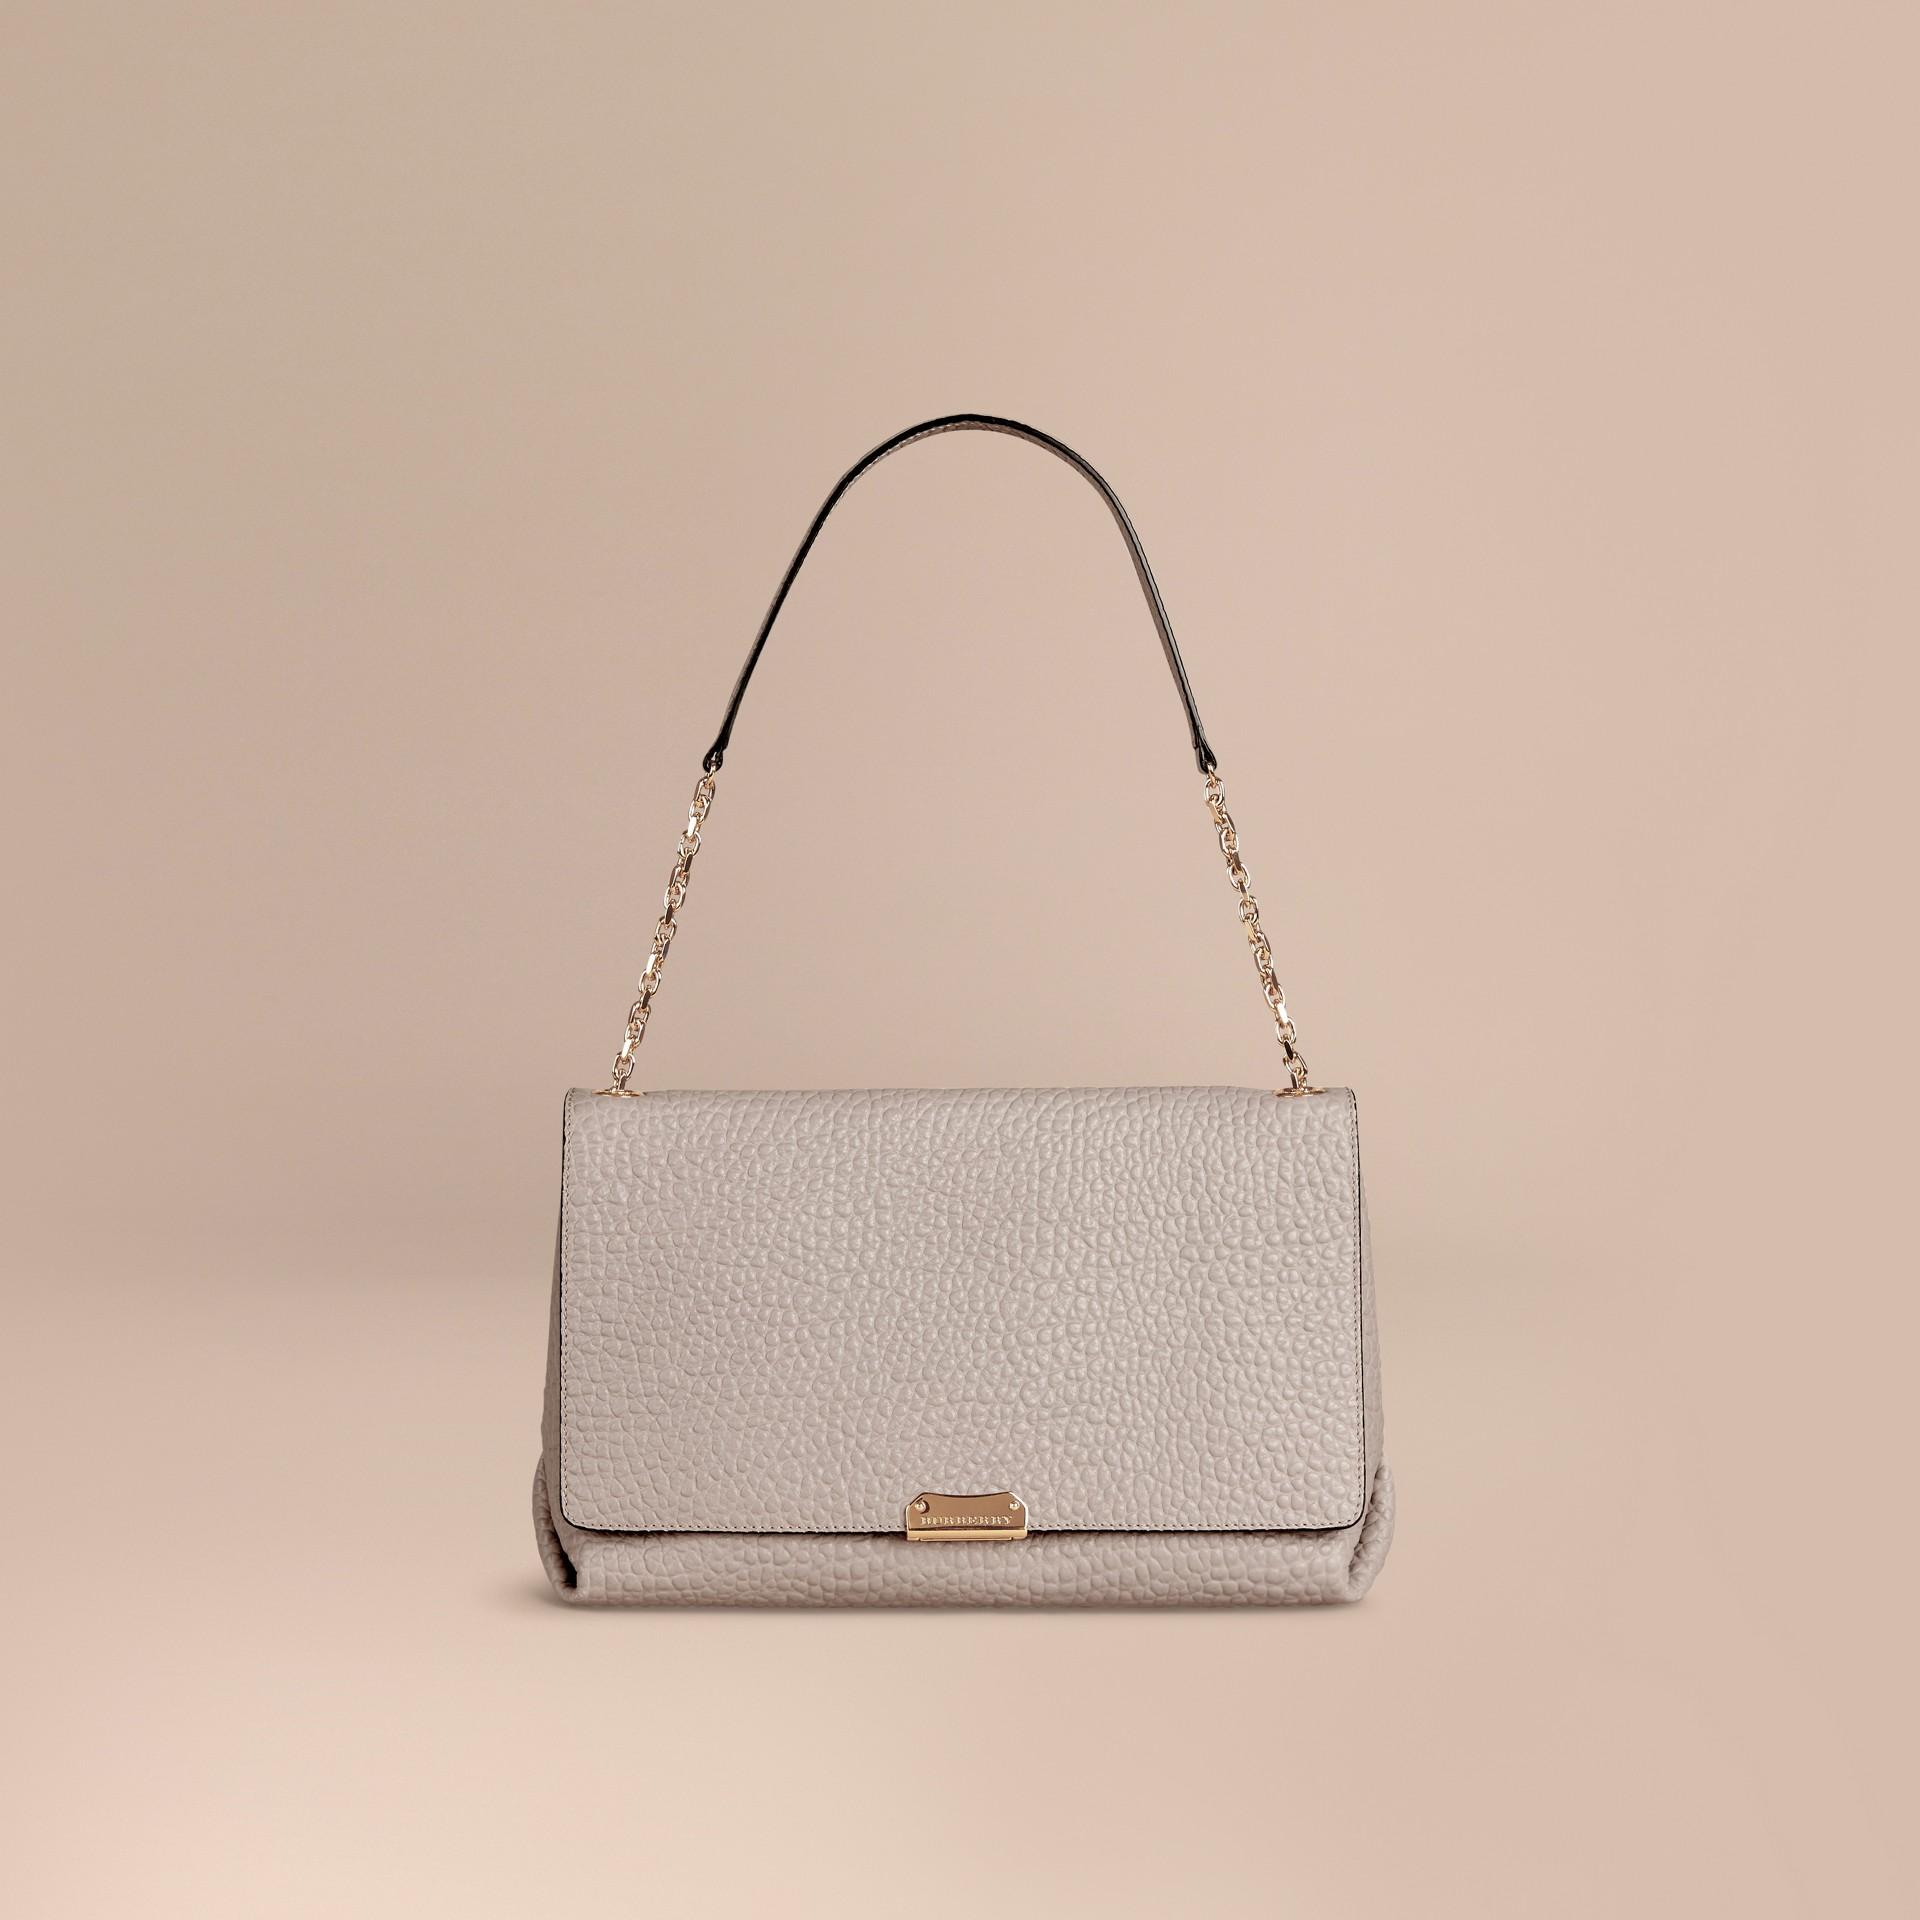 Бледно-серый Большая сумка через плечо из зернистой кожи в стиле Burberry Бледно-серый - изображение 7